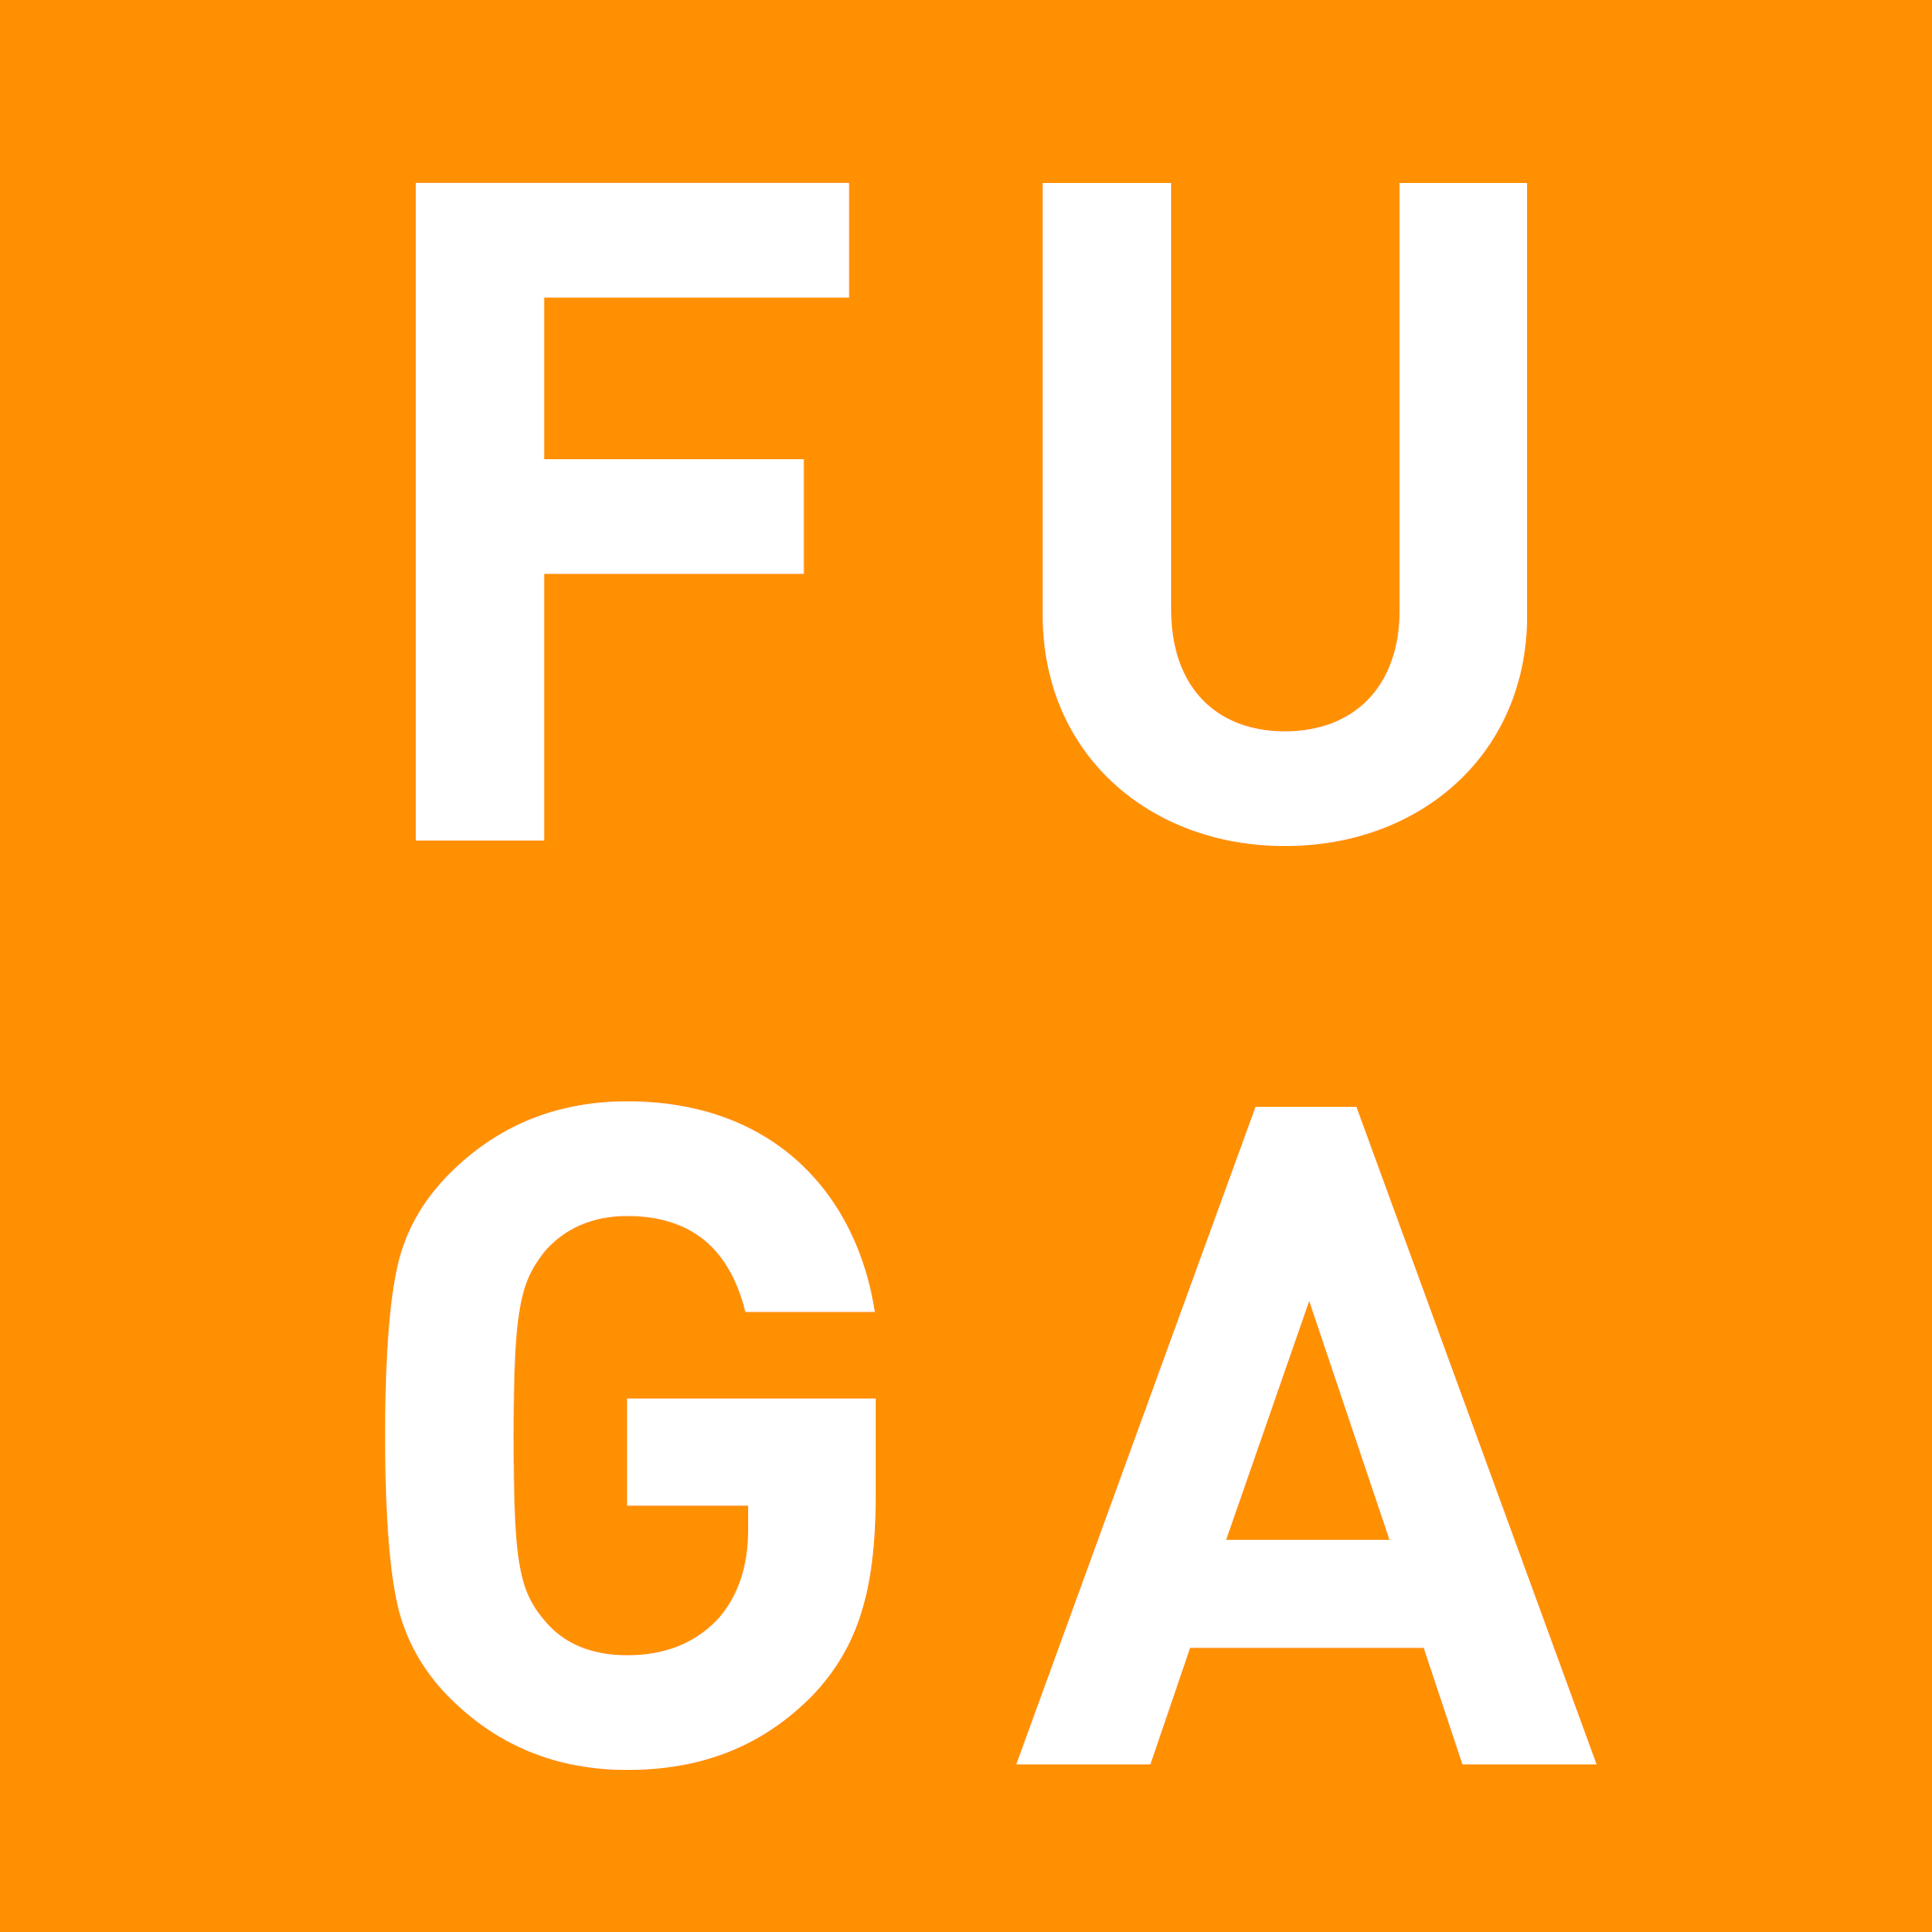 福岡県糟屋郡のホームページ制作フリーランスのFUGA